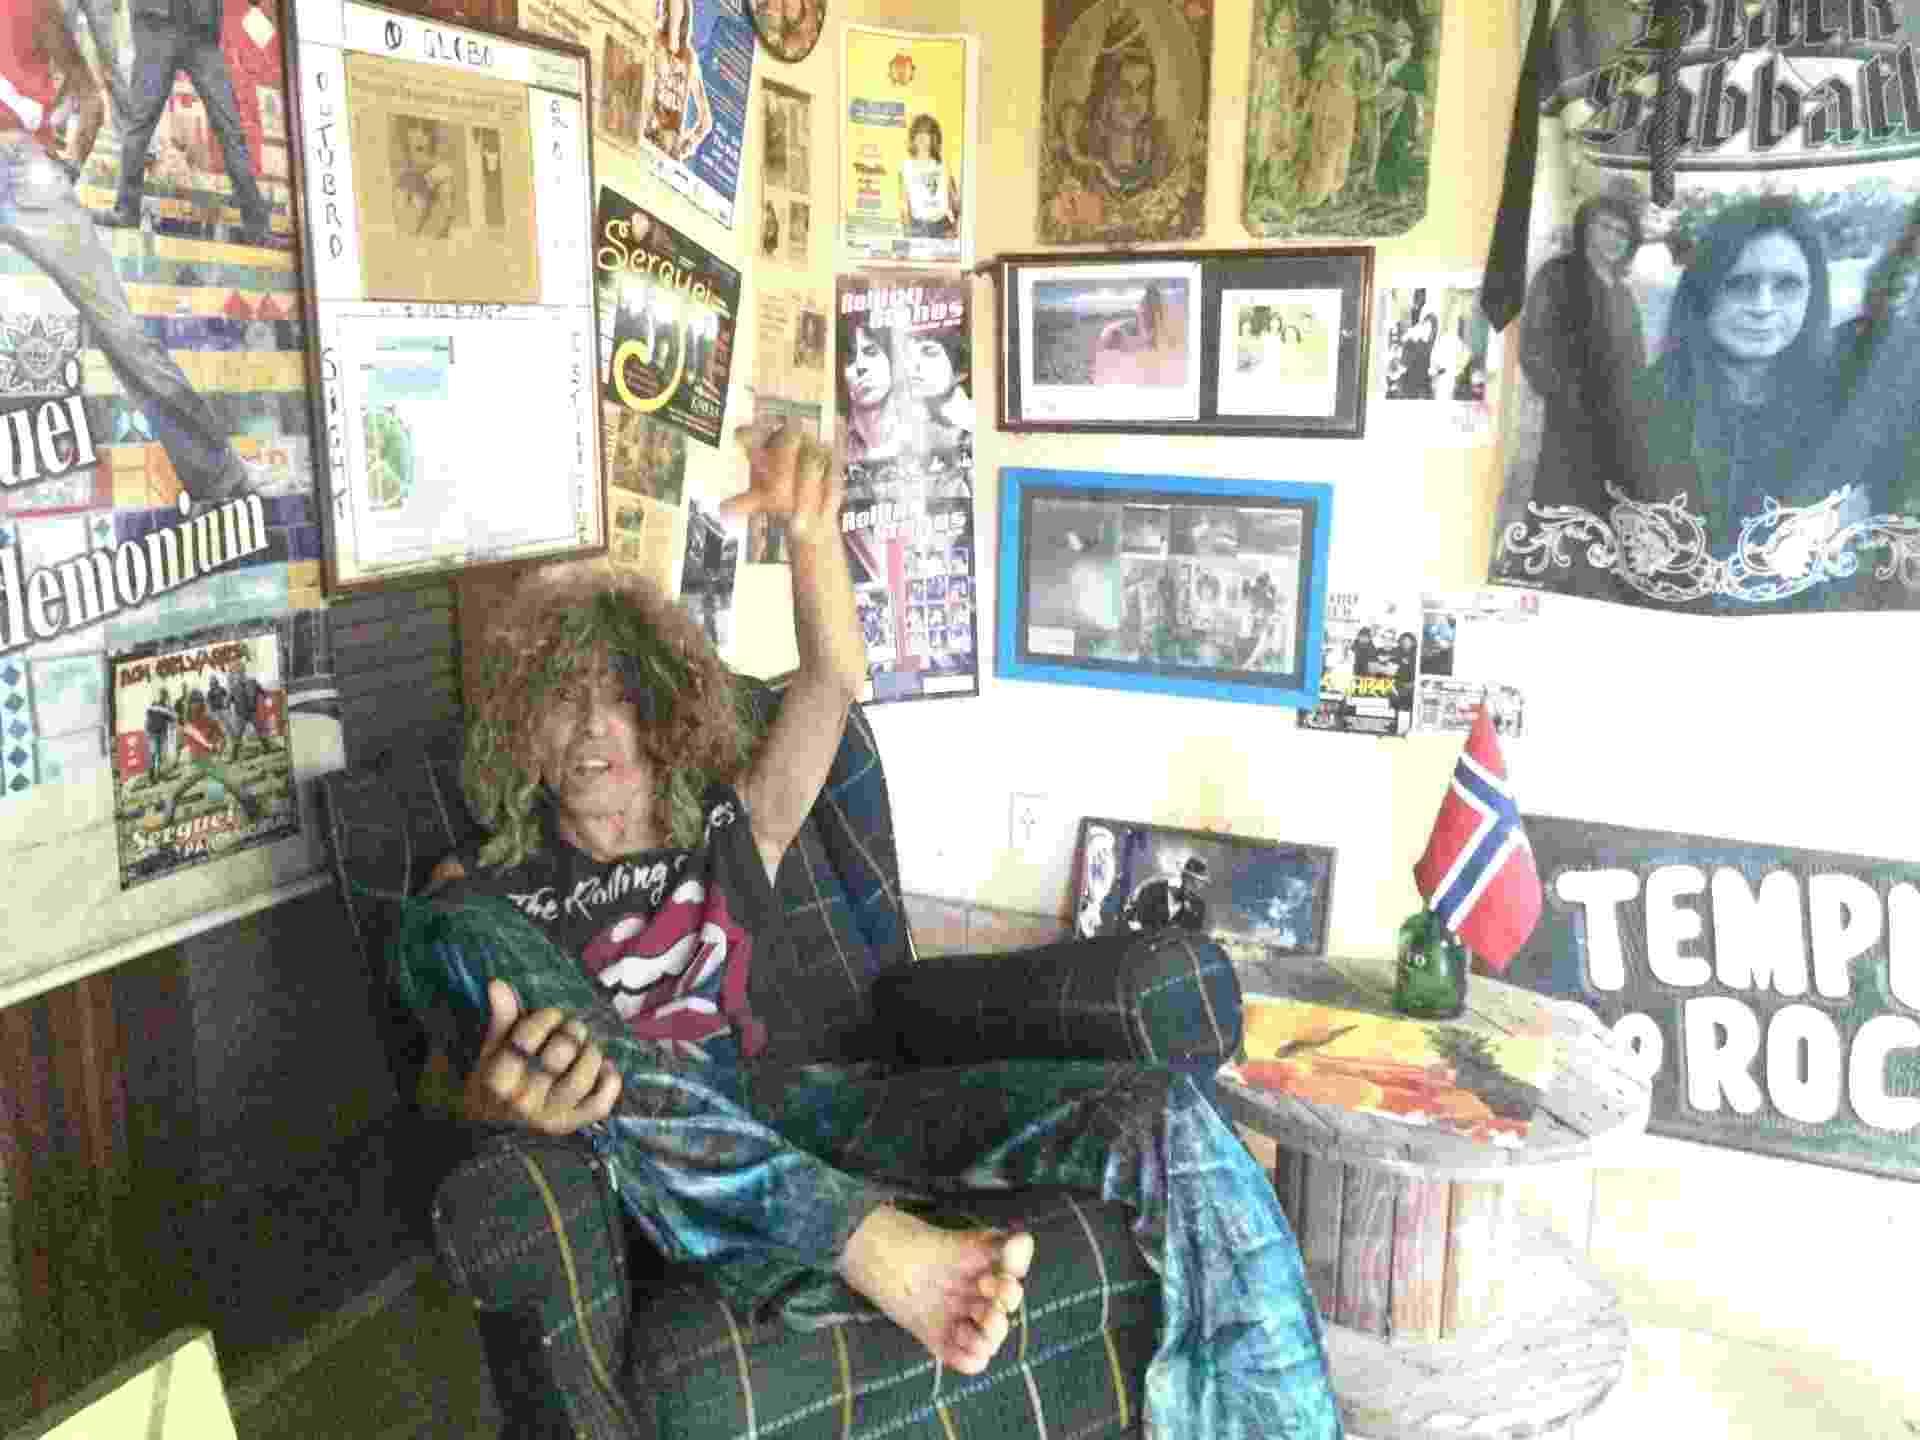 5.jan.2015 - Cercado por imagens icônicas do rock, Serguei descansa em um sofá na varanda de casa - Felipe Branco Cruz/UOL